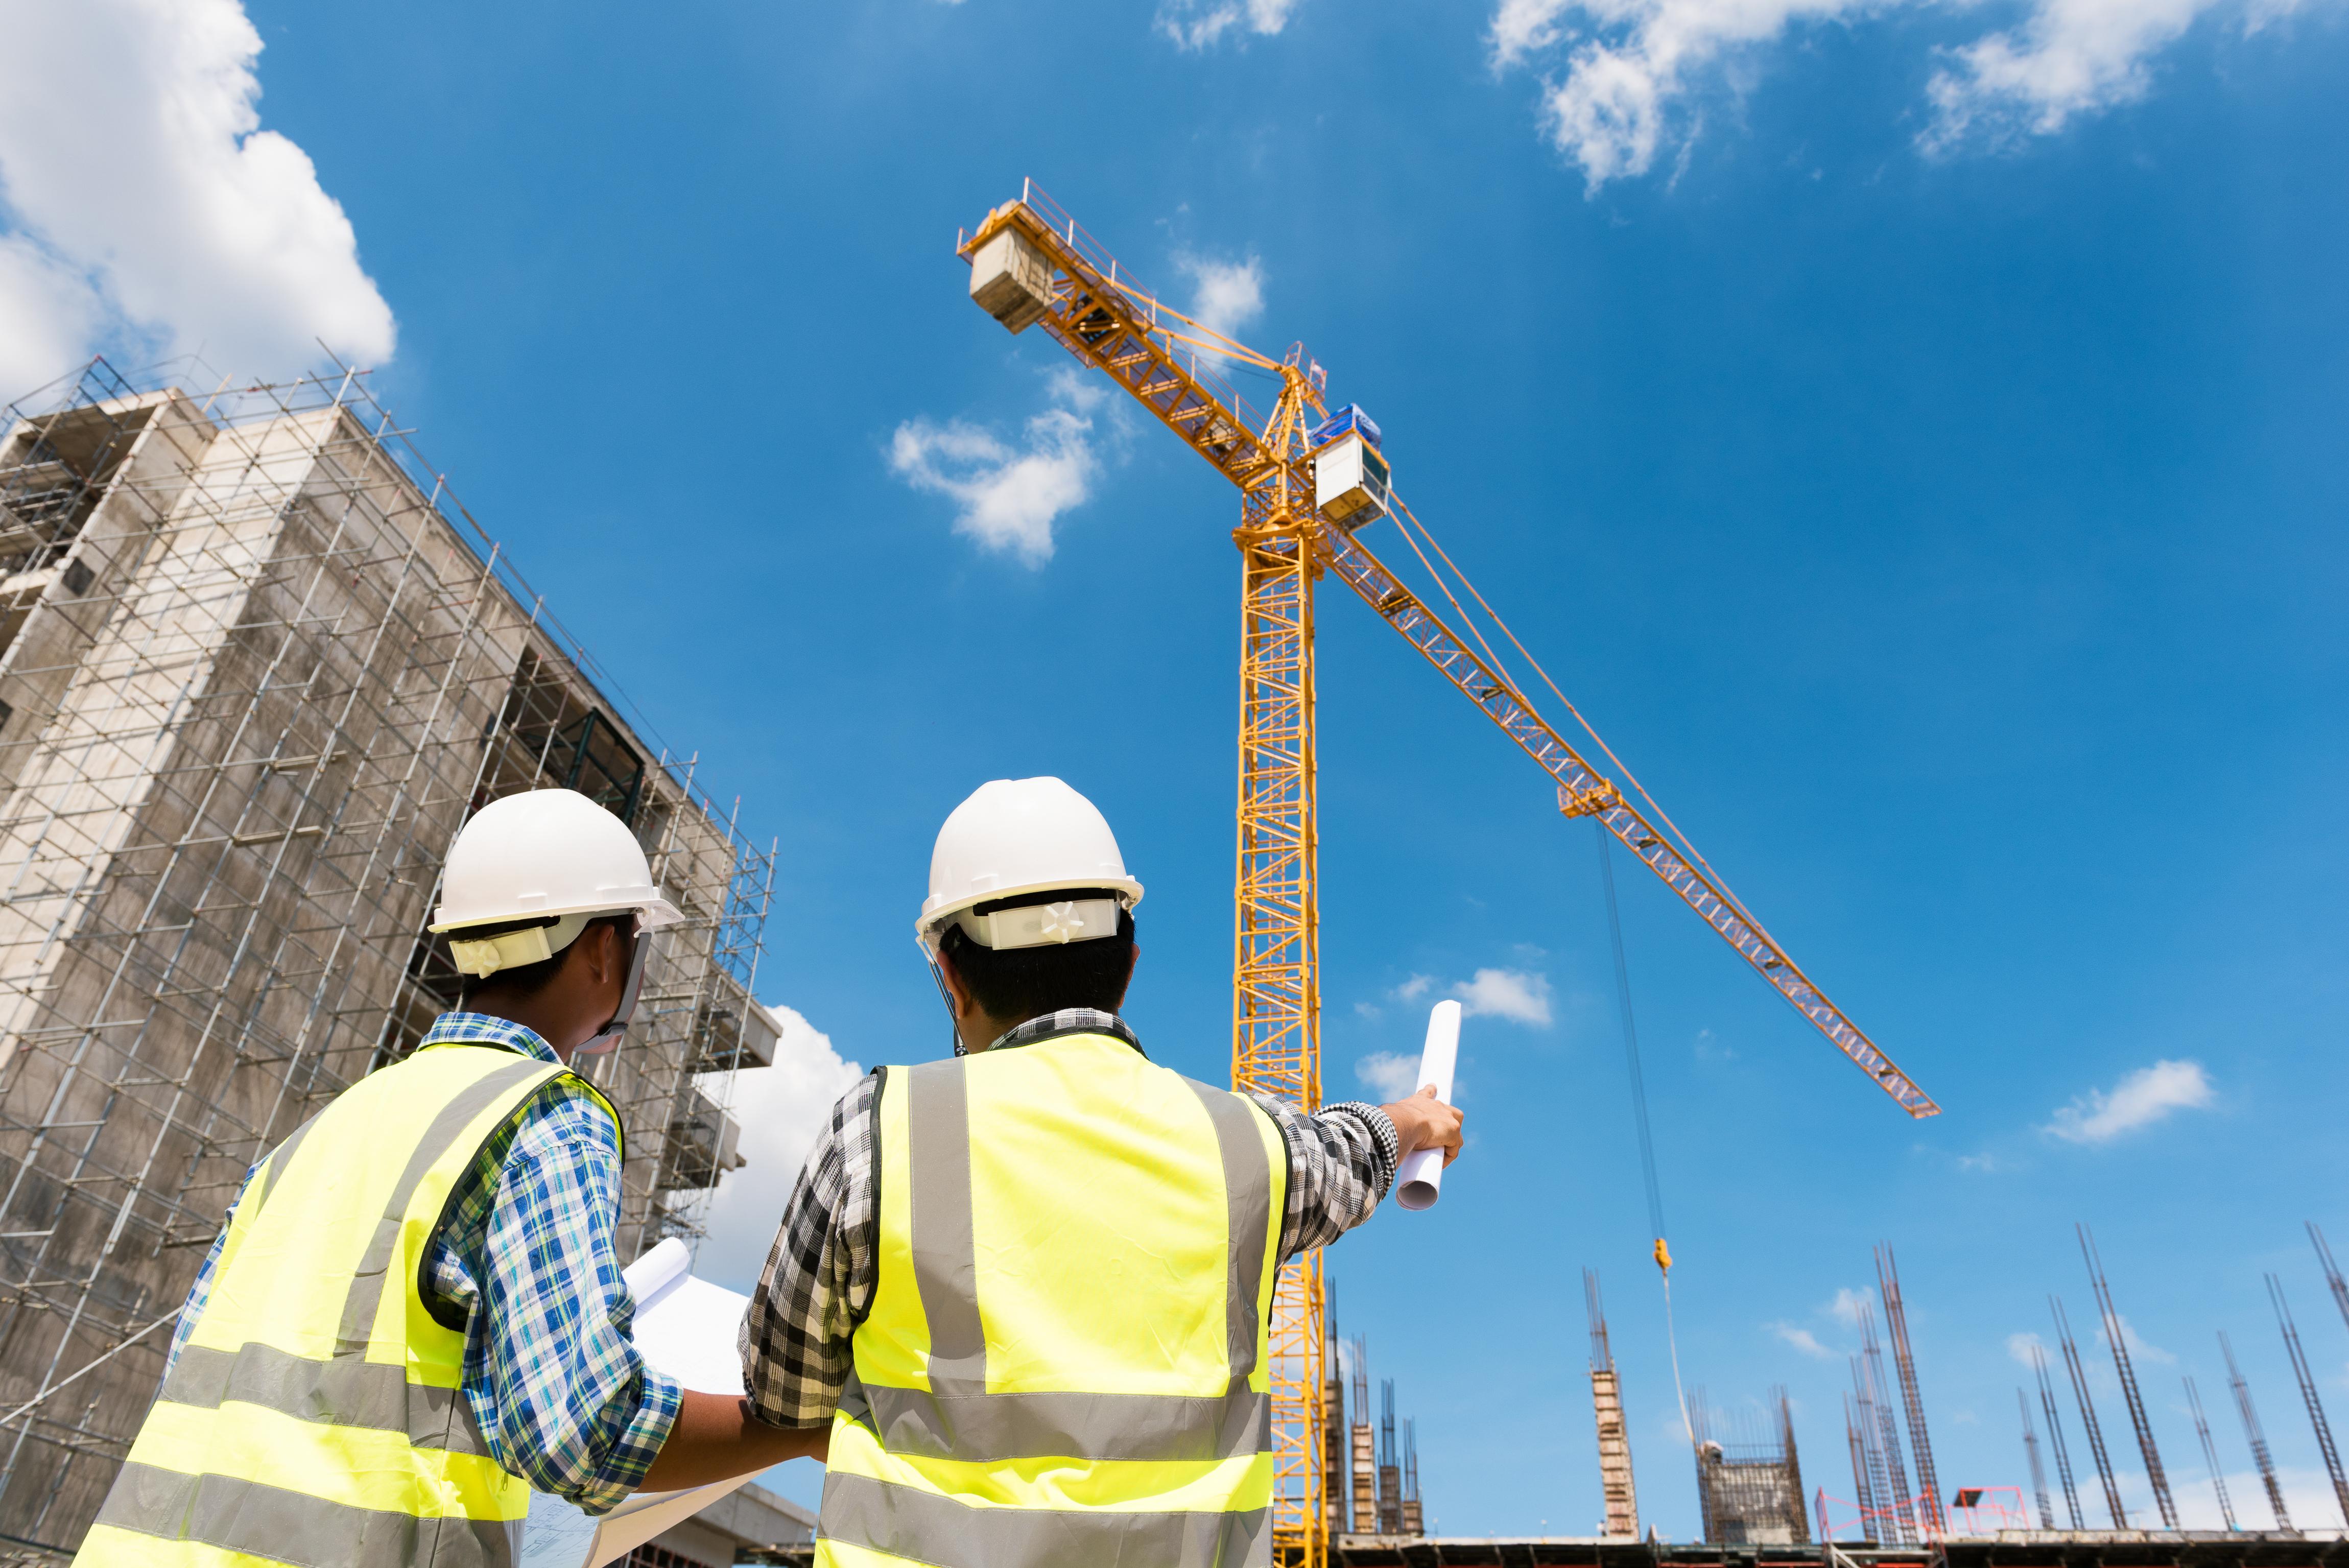 In Coronazeiten fällt der Berufseinstieg als Ingenieur für den Bereich Projektabwicklung am Leichtesten.